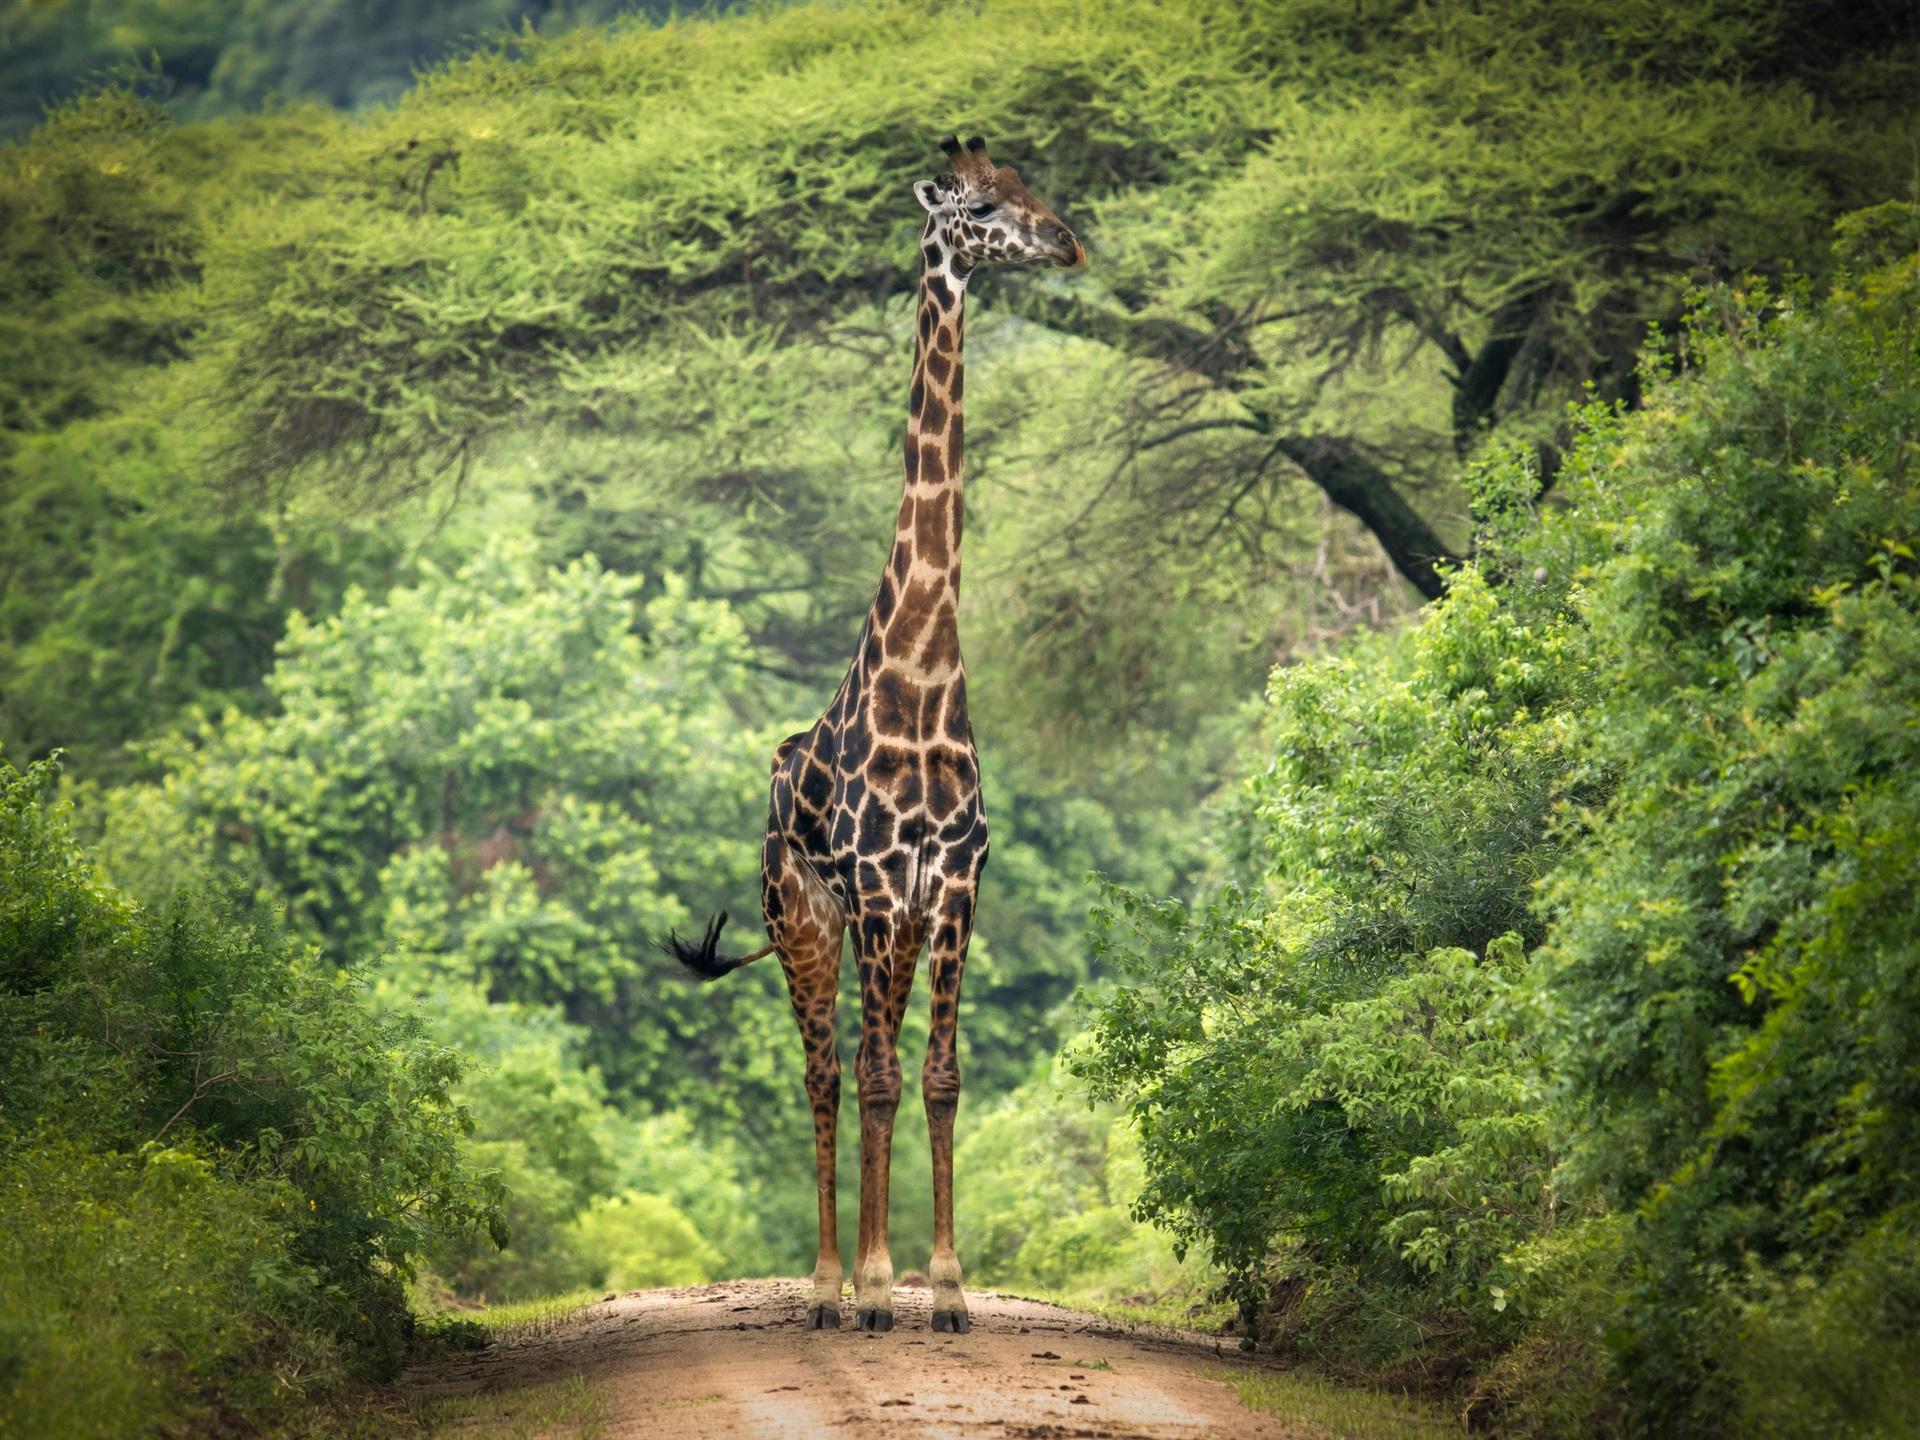 Fondos De Pantalla De Jirafas: Jirafa, árboles, África Fondos De Pantalla